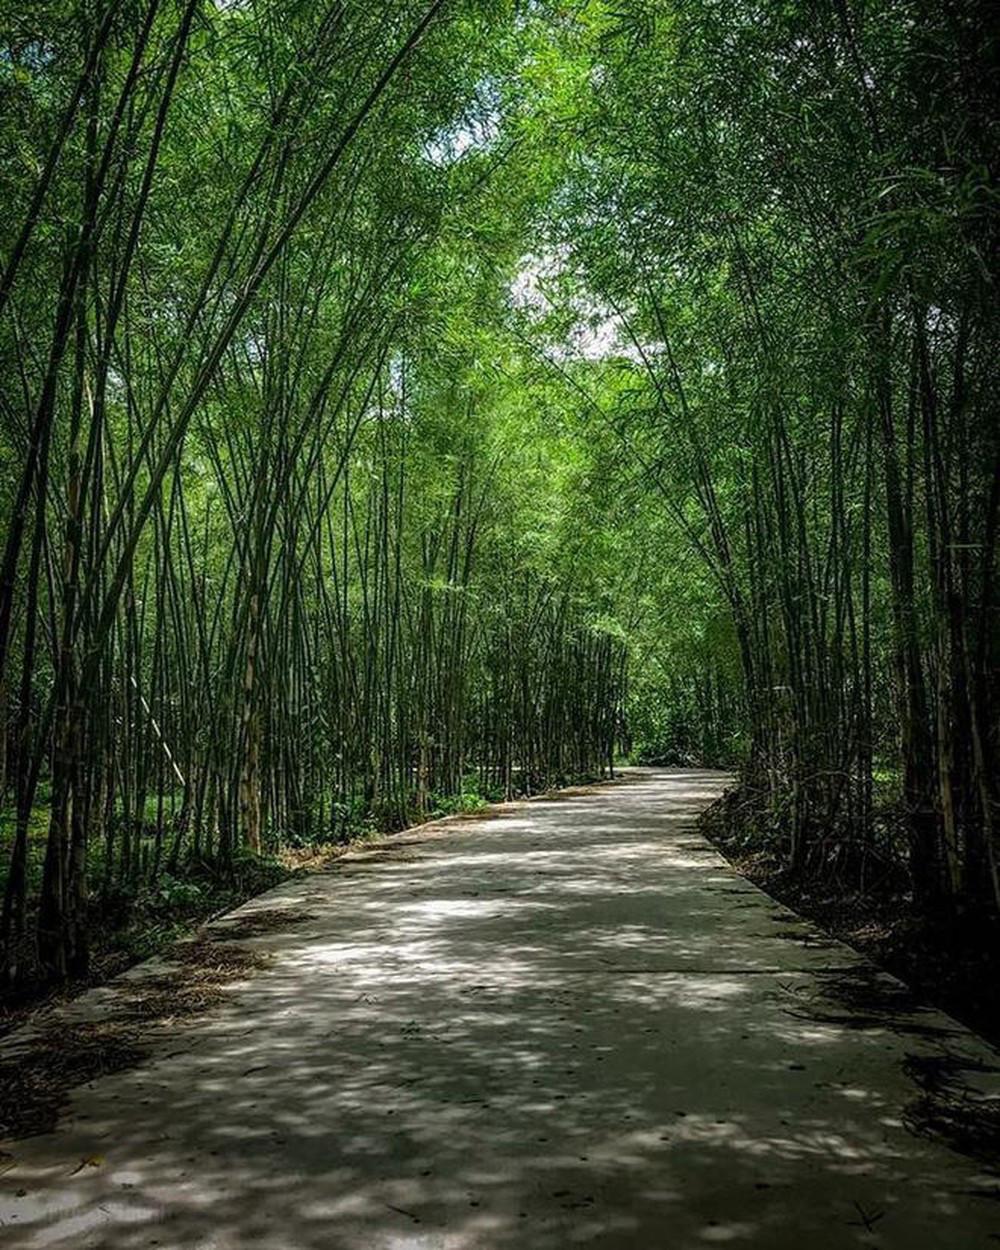 Mê mẩn ngắm nhìn rừng trúc đẹp như phim kiếm hiệp ở Mù Cang Chải - Ảnh 1.